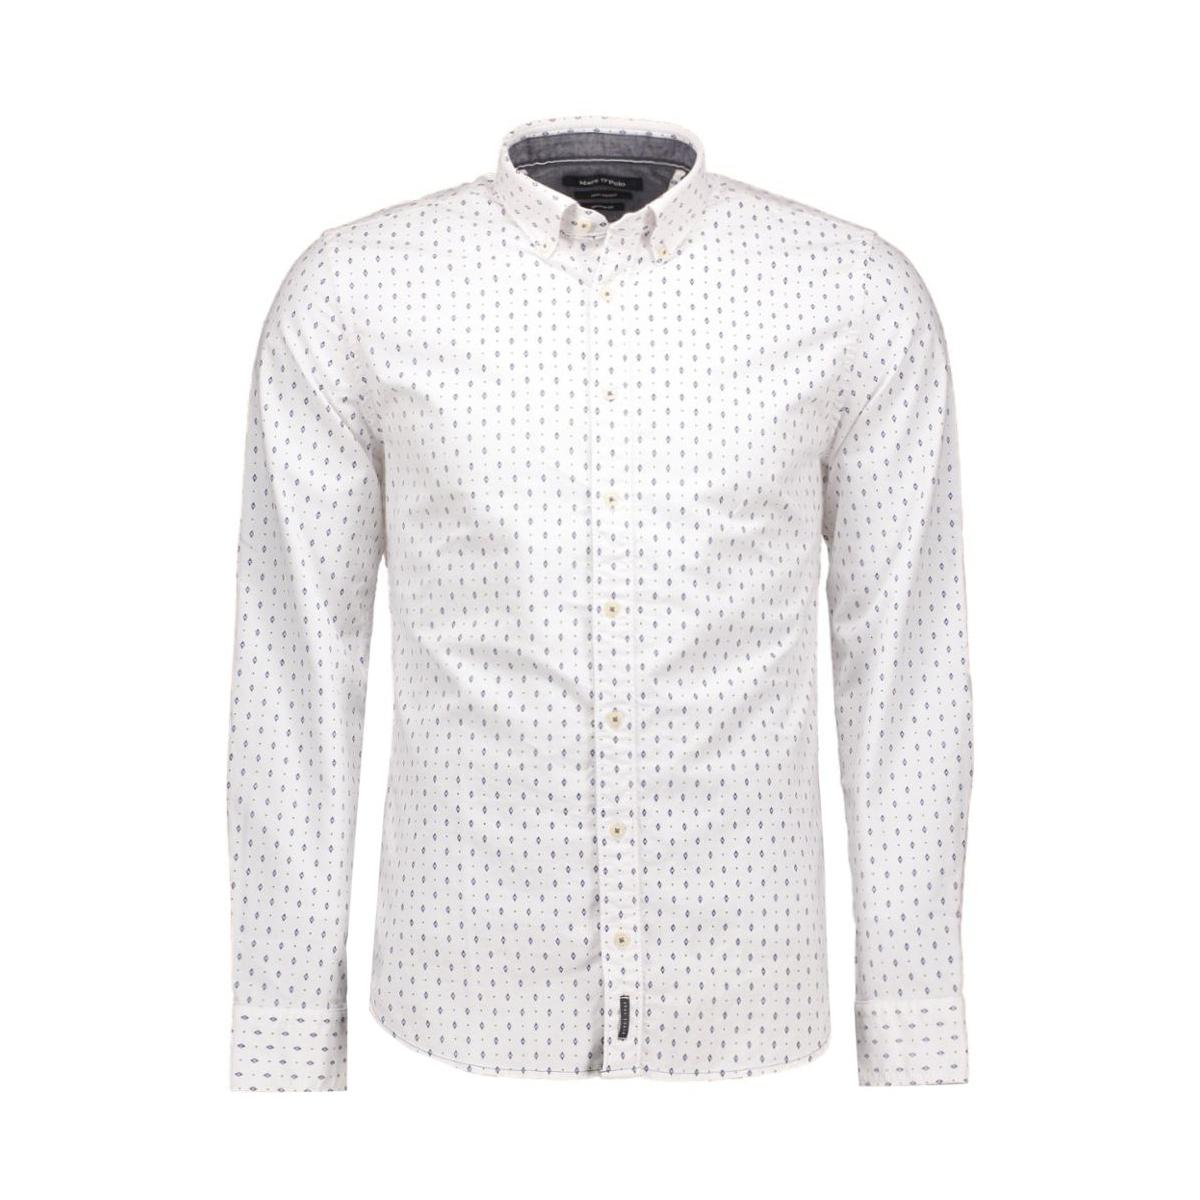 627 0942 42062 marc o`polo overhemd l04